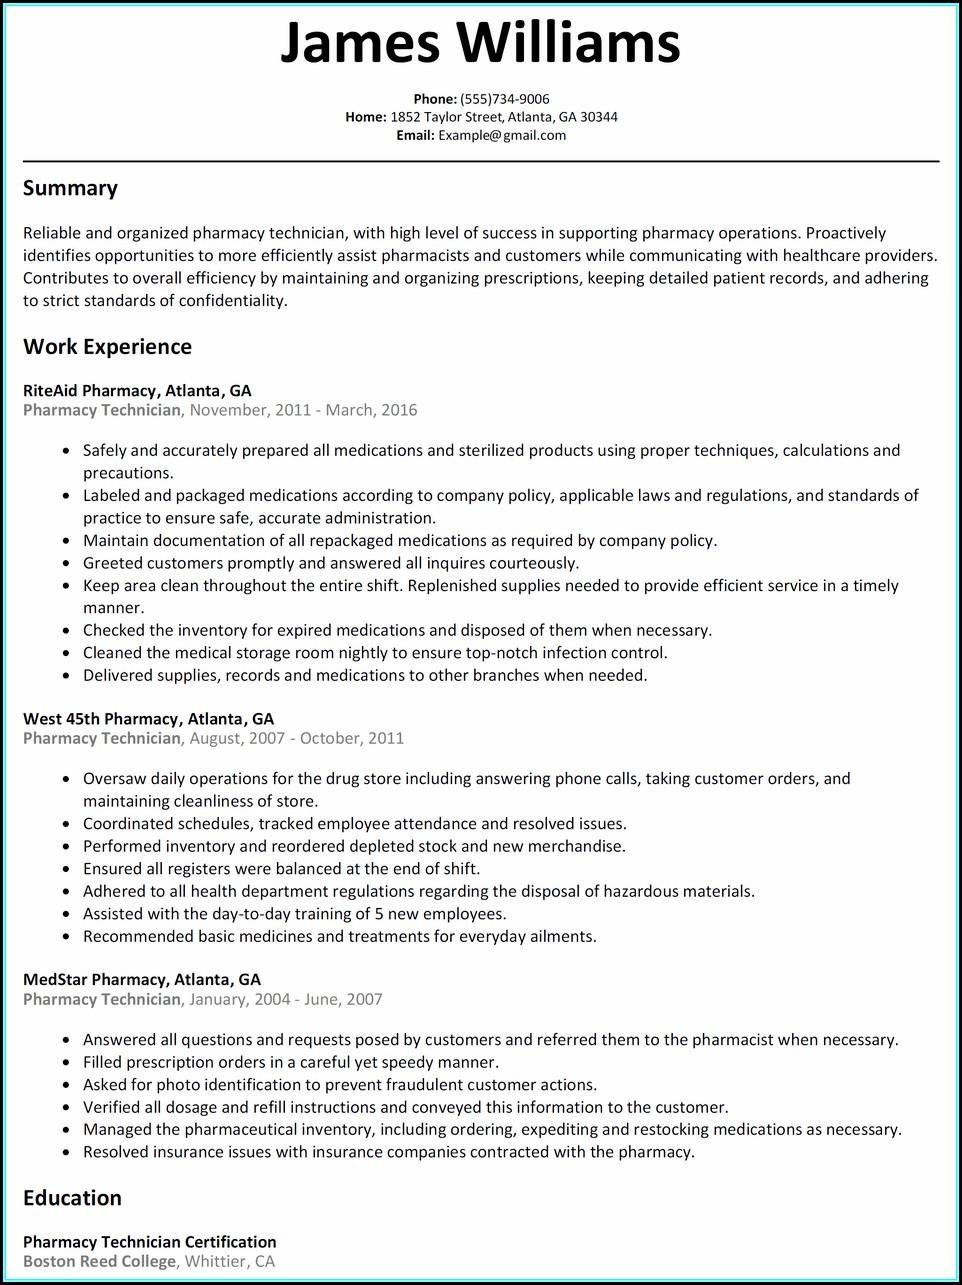 Resume For Pharmacy Technician In Hospital